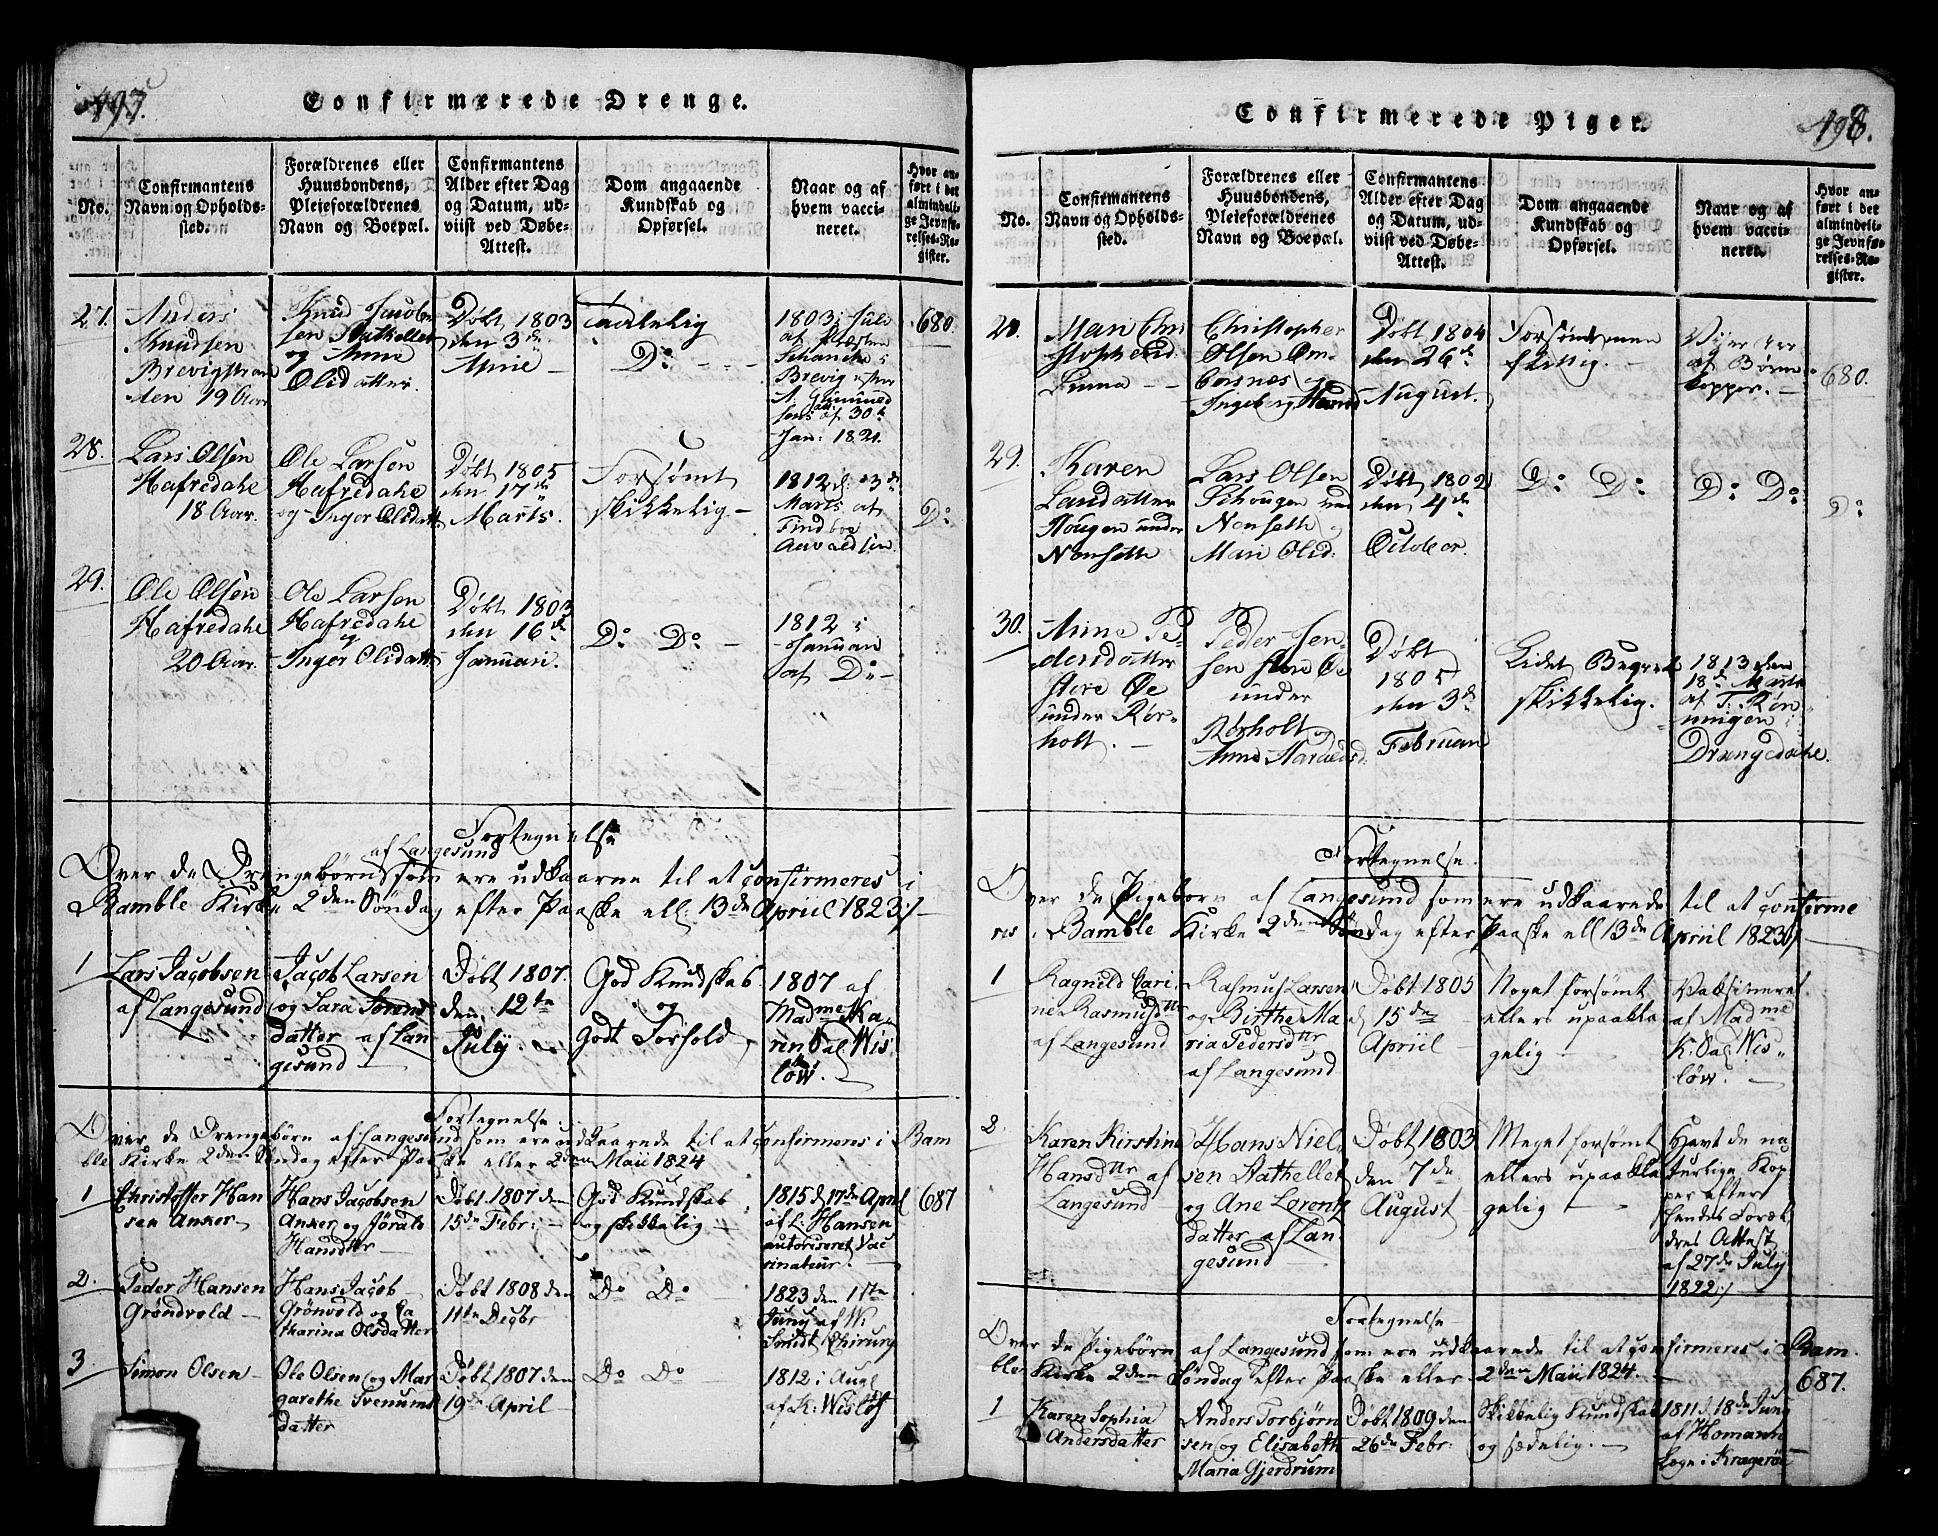 SAKO, Langesund kirkebøker, G/Ga/L0003: Klokkerbok nr. 3, 1815-1858, s. 497-498